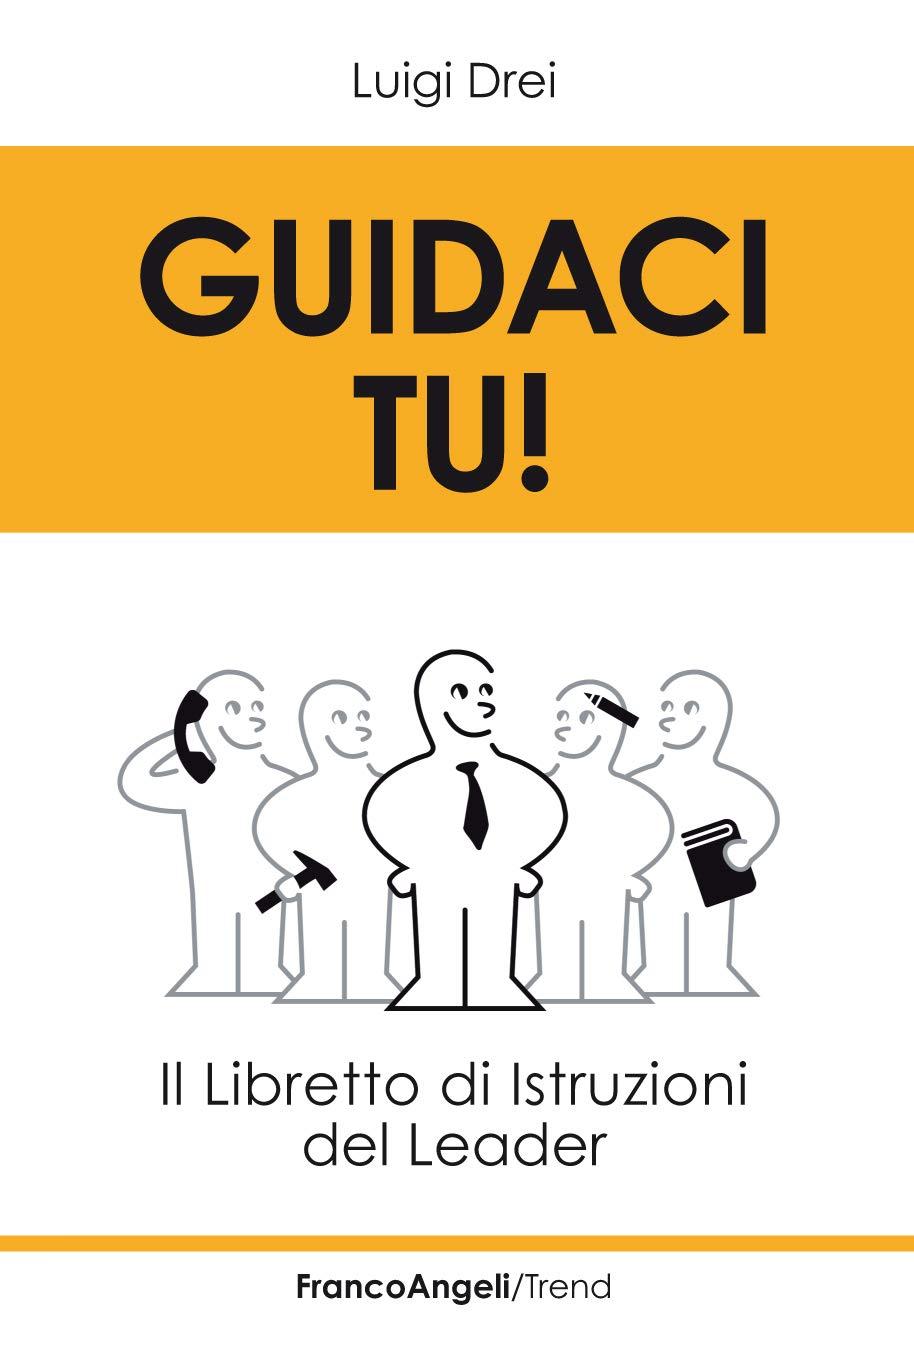 Guidaci tu!: Il libretto di istruzioni del leader (Italian Edition)